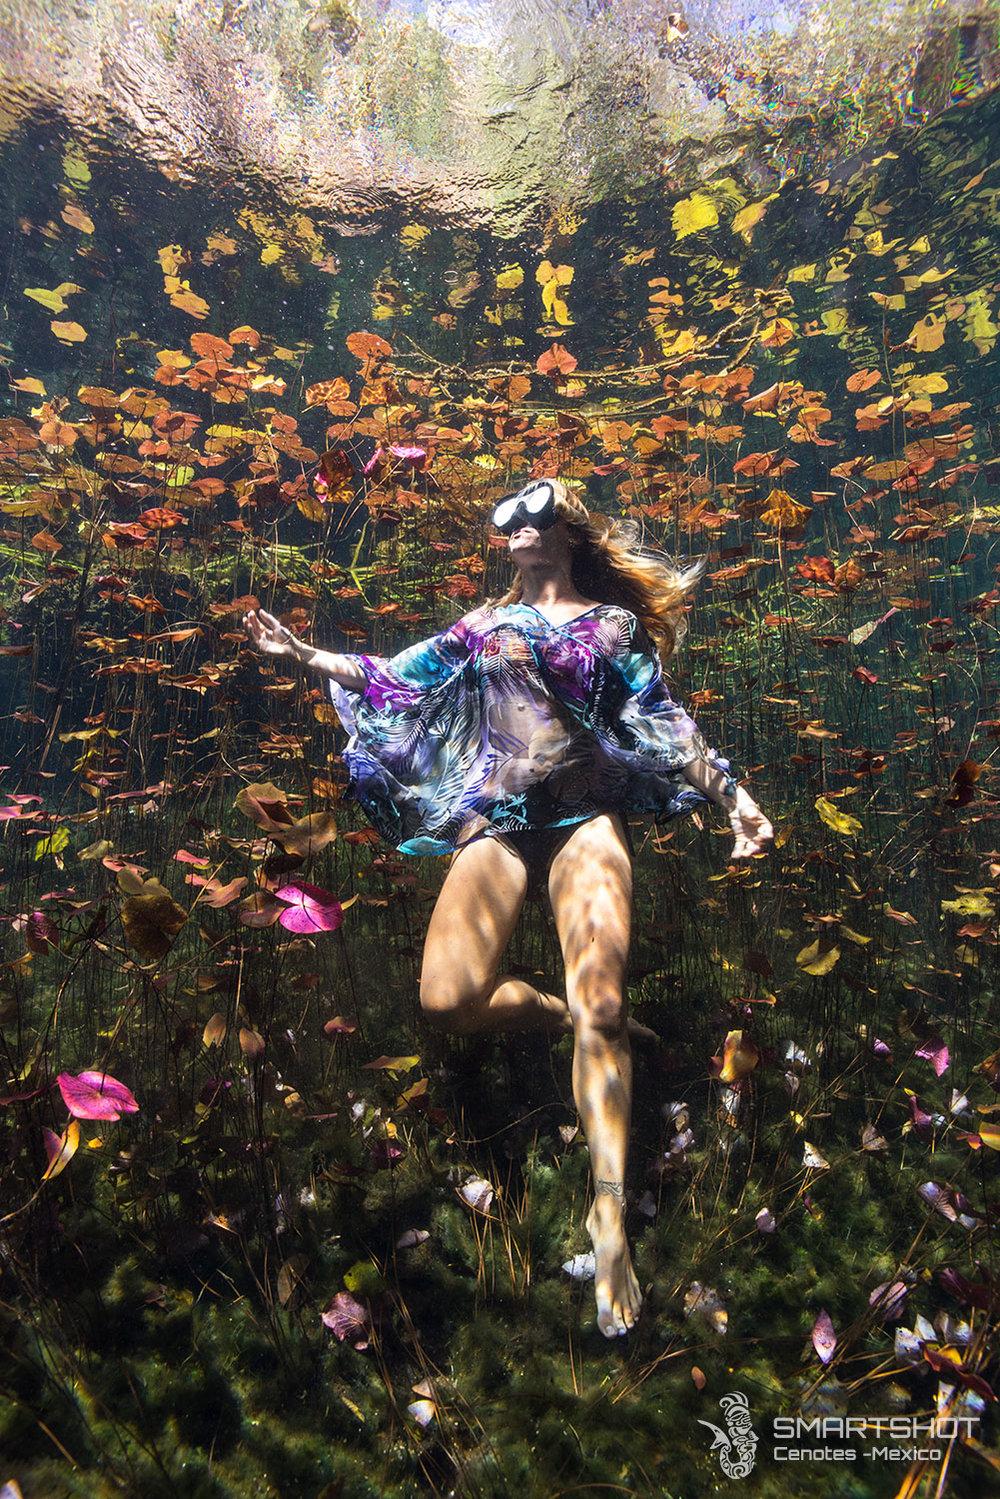 180226_Cenote-DosOjos_Coraline-109.jpg